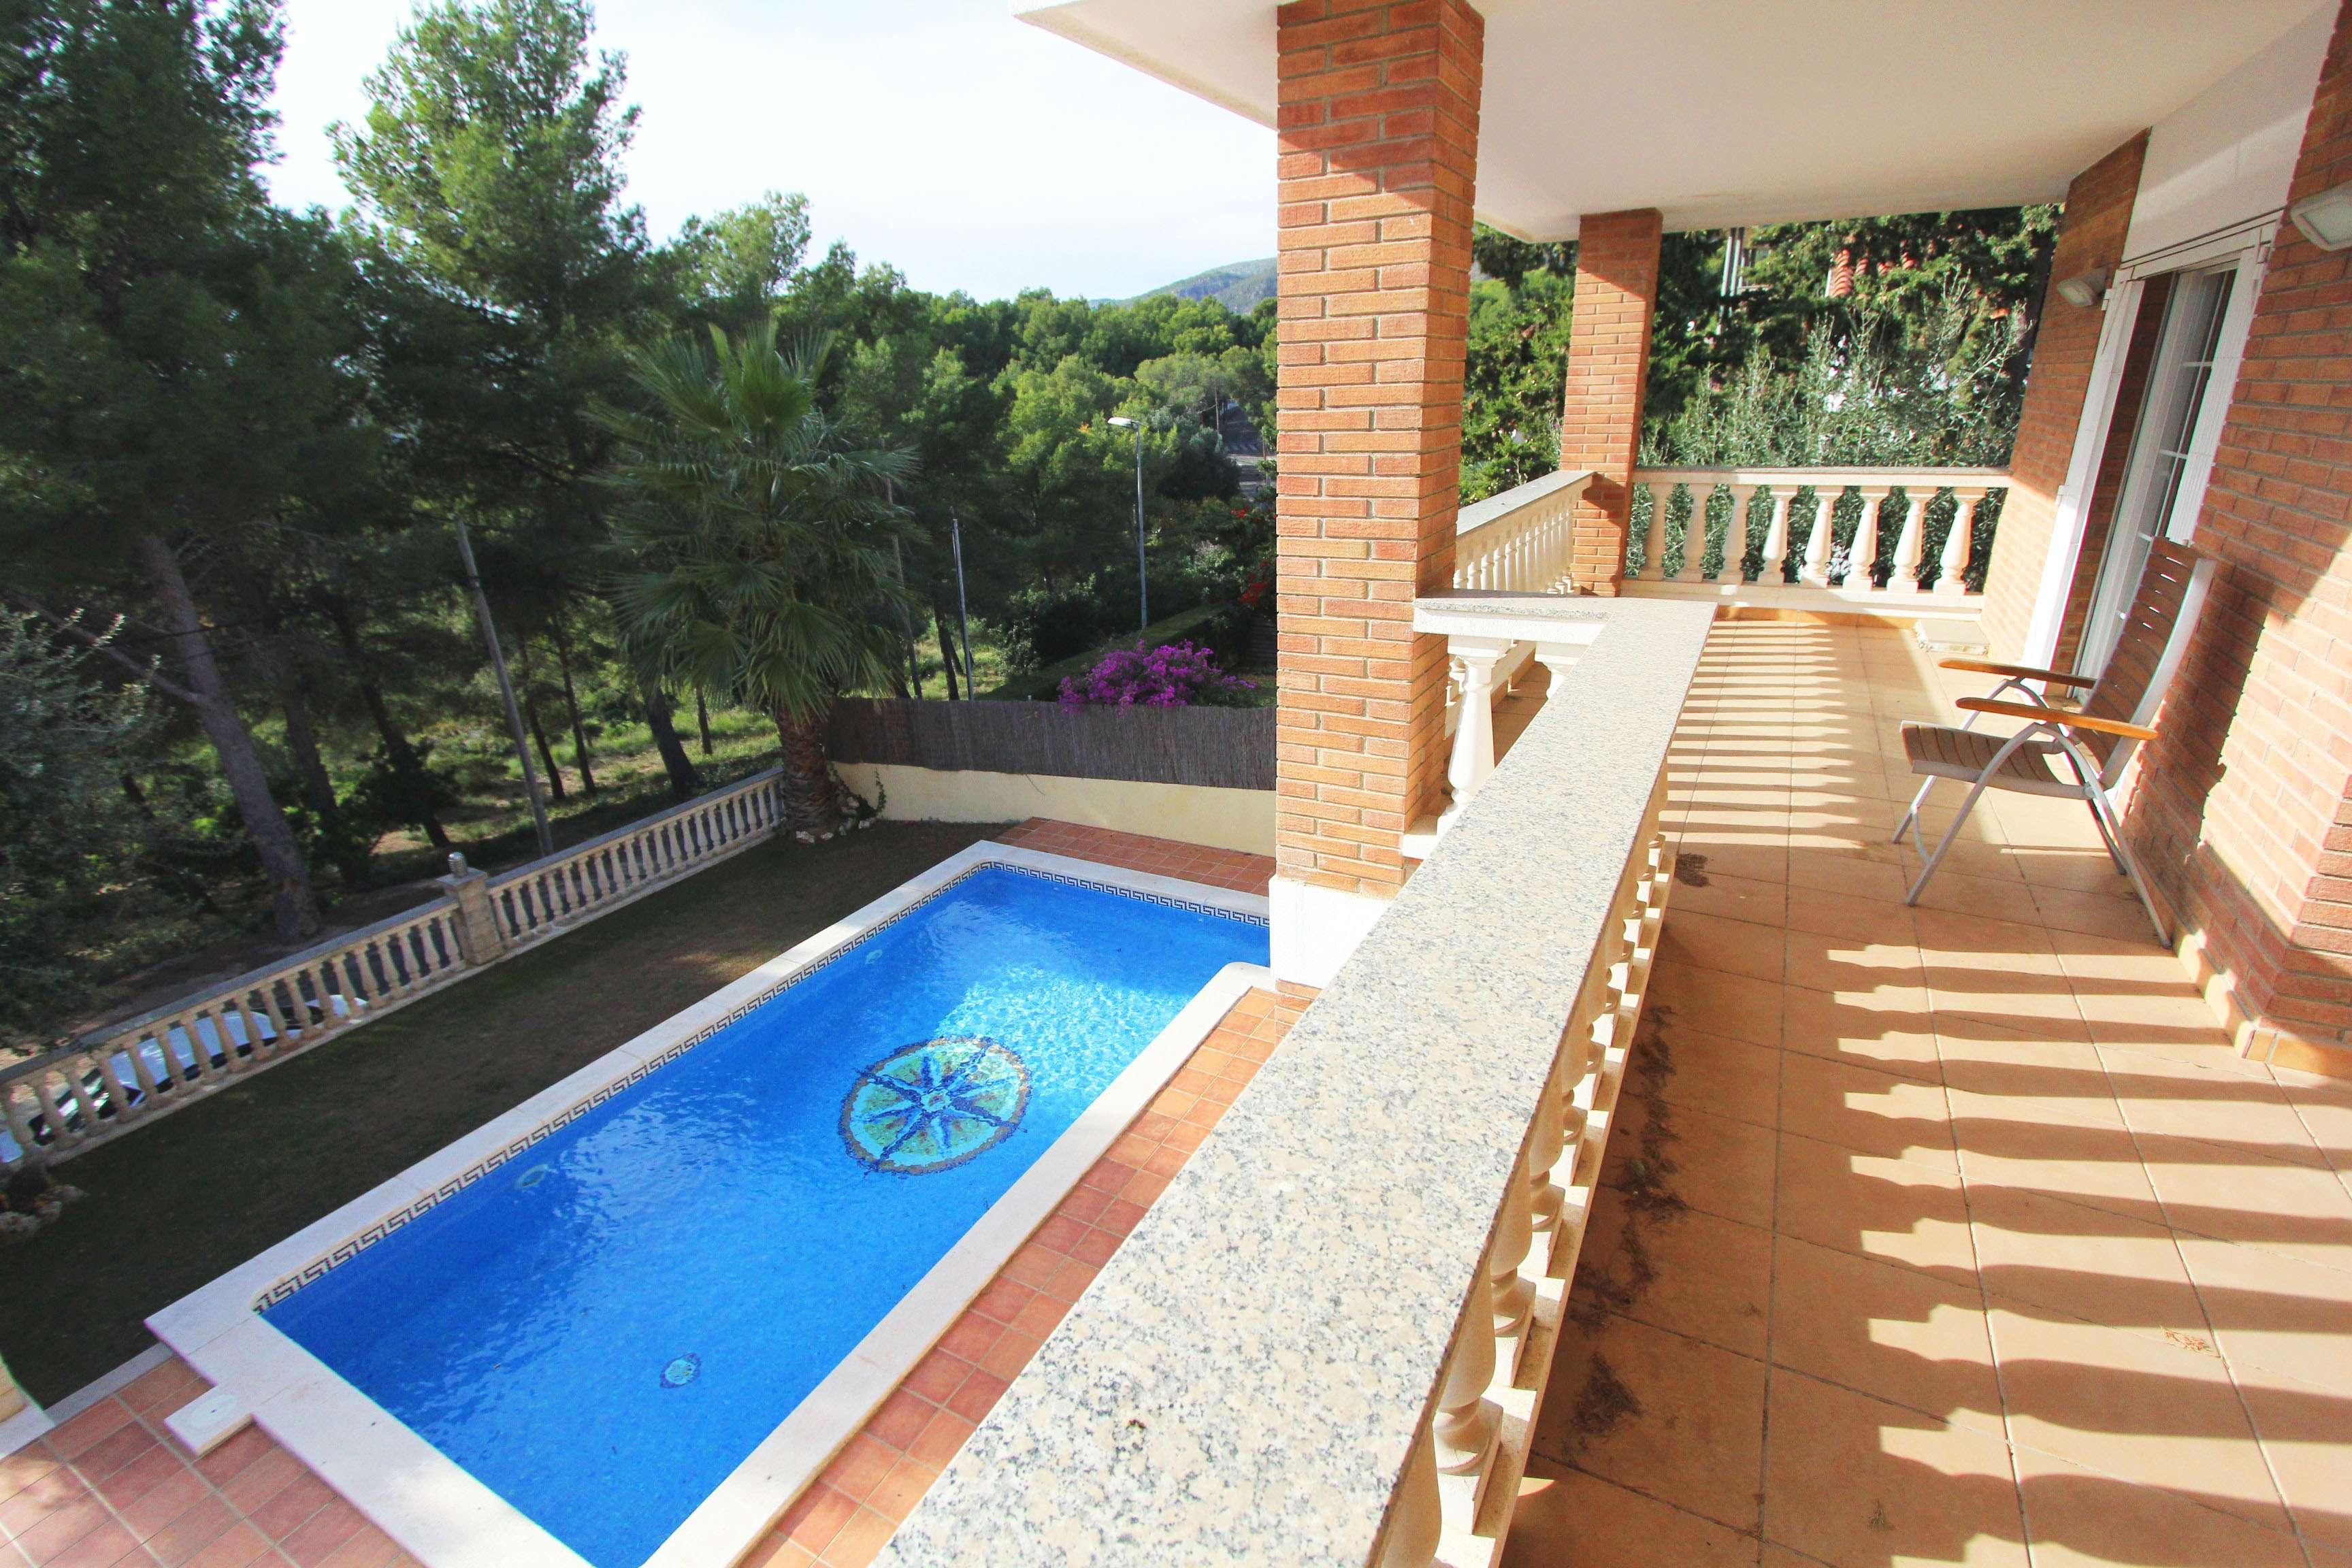 Casa unifamiliar en Castelldefels